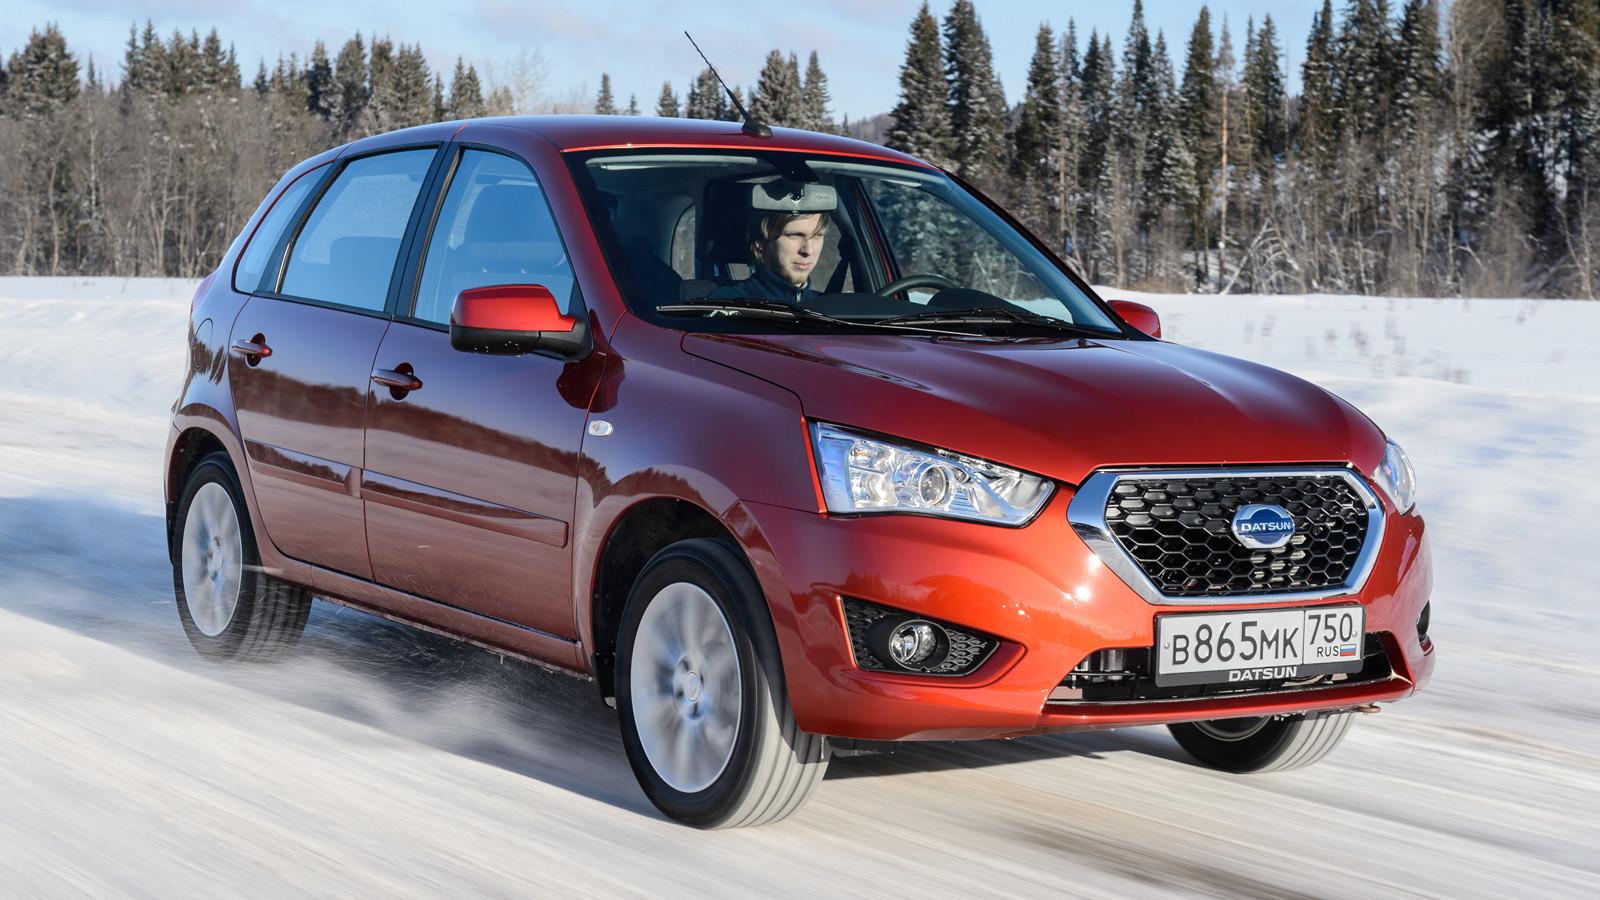 Автомобили Ниссан  иDatsun продолжают реализовываться  вРФ навыгодных условиях